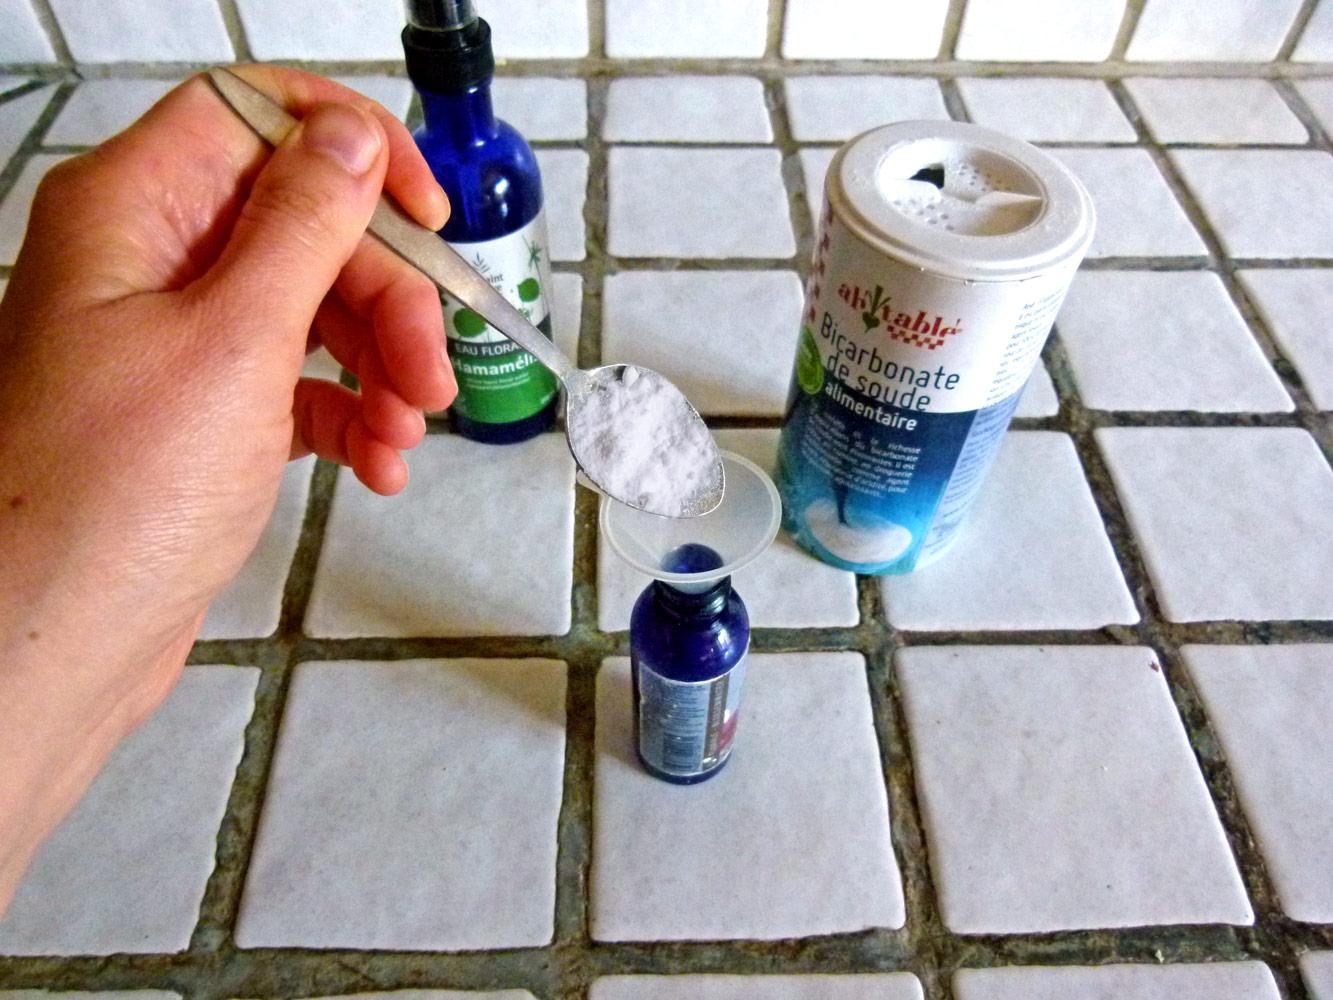 Bicarbonate de soude et hydrolat d'hamamélis pour une recette de déodorant zéro déchet en spray.